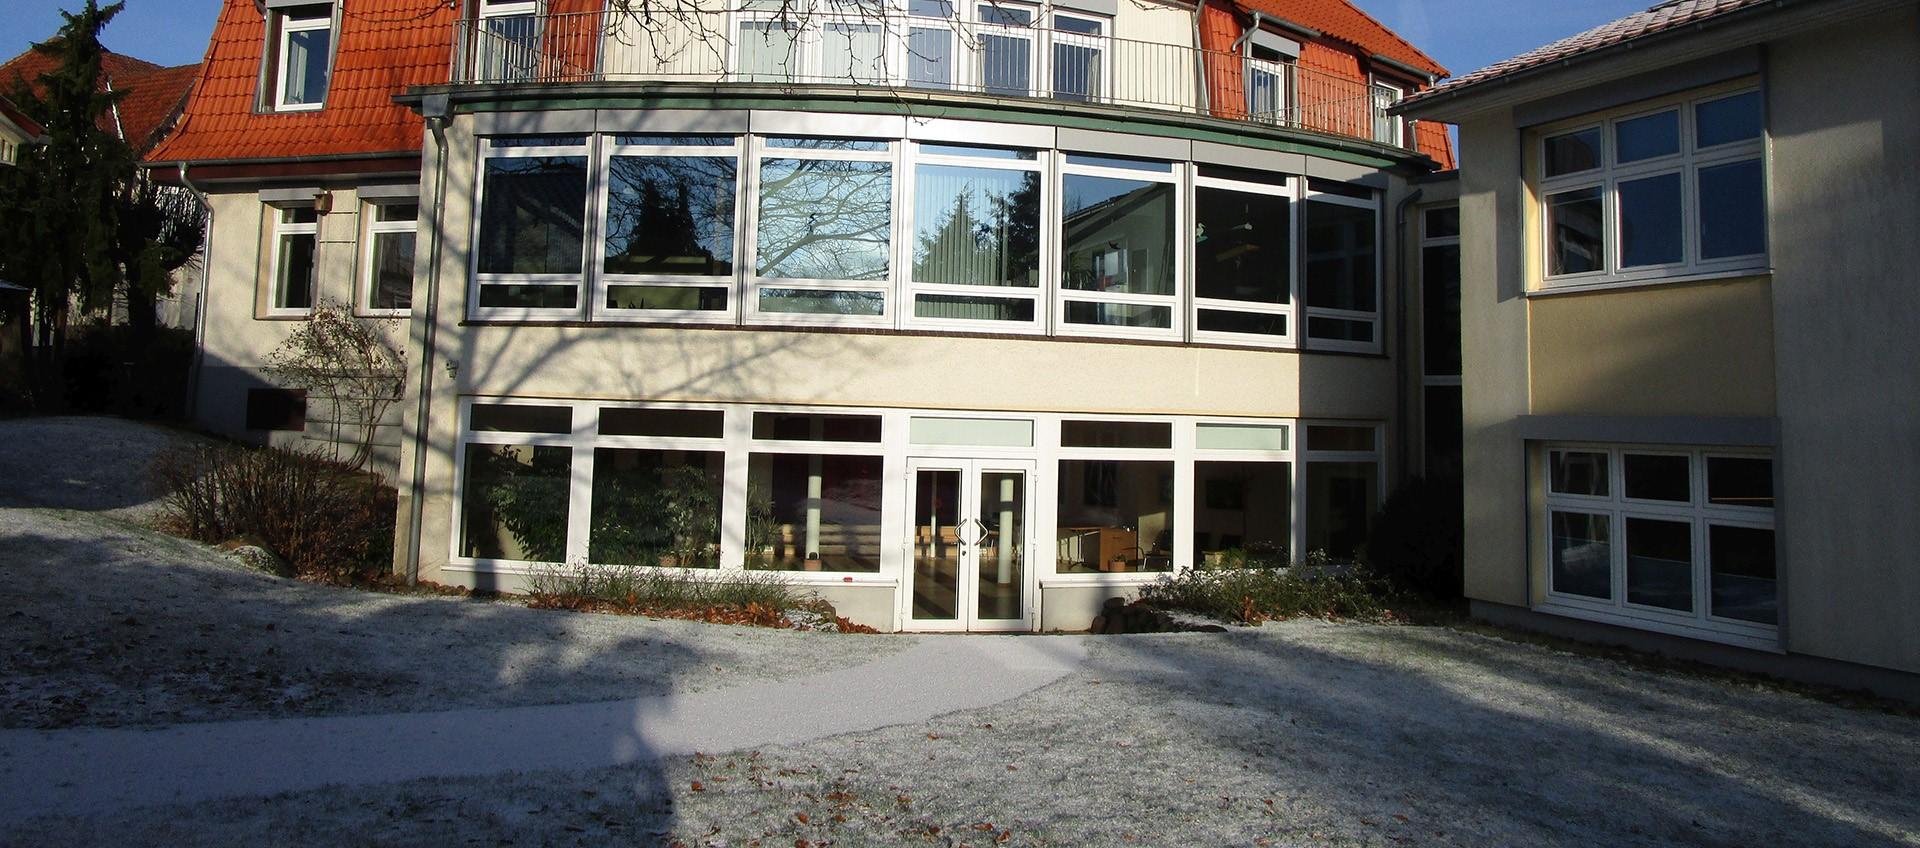 Winterliches Rathaus